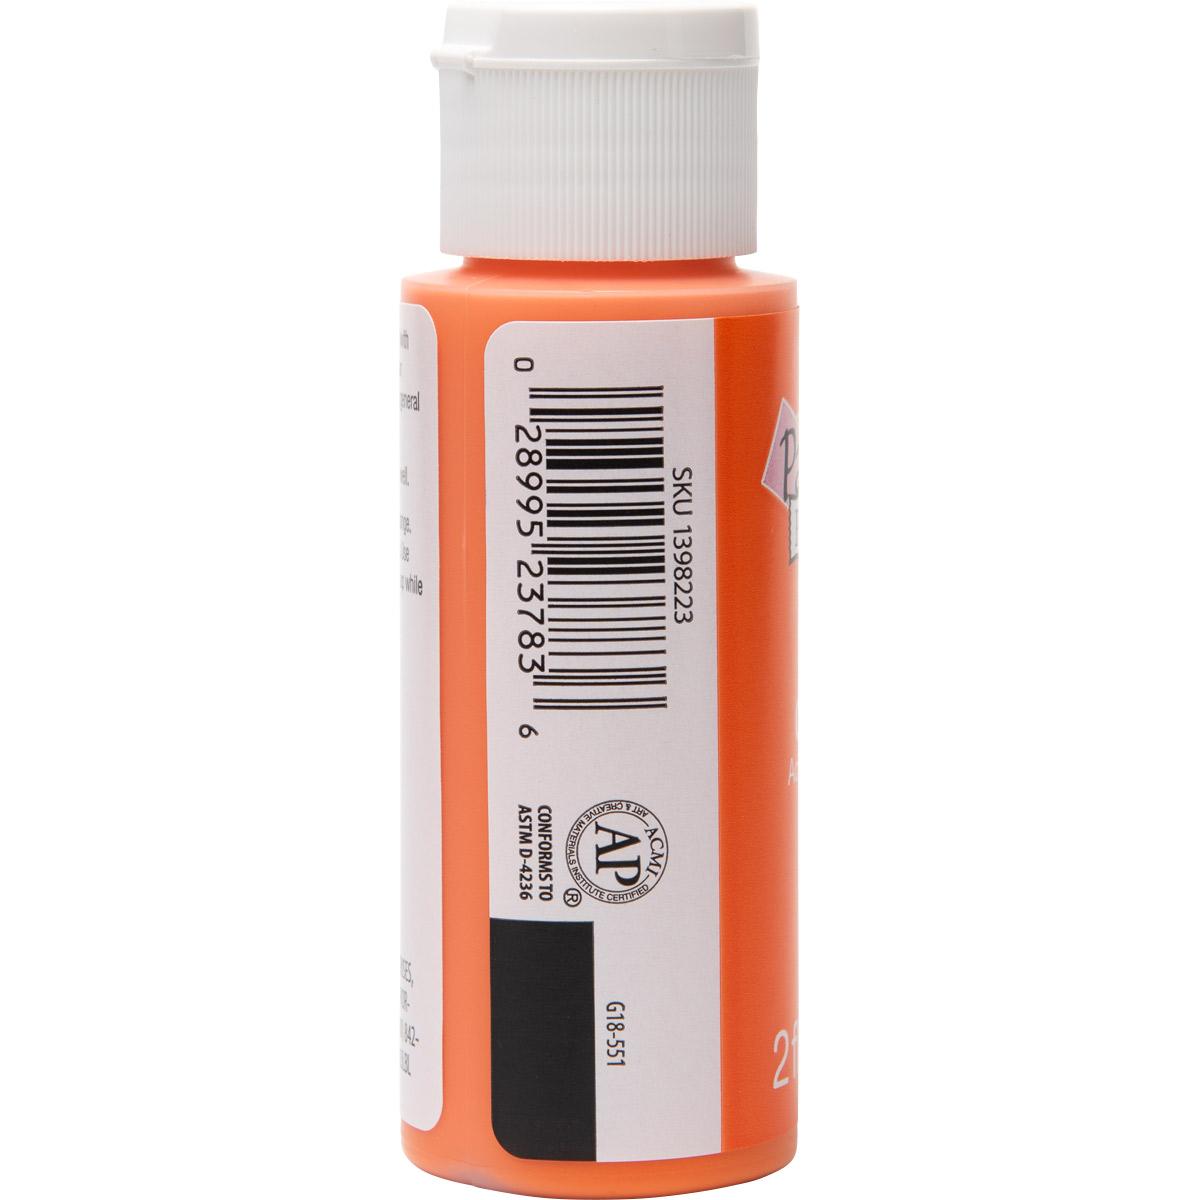 Plaid ® Painter's Palette™ Acrylic Paint - Orange, 2 oz. - 23783